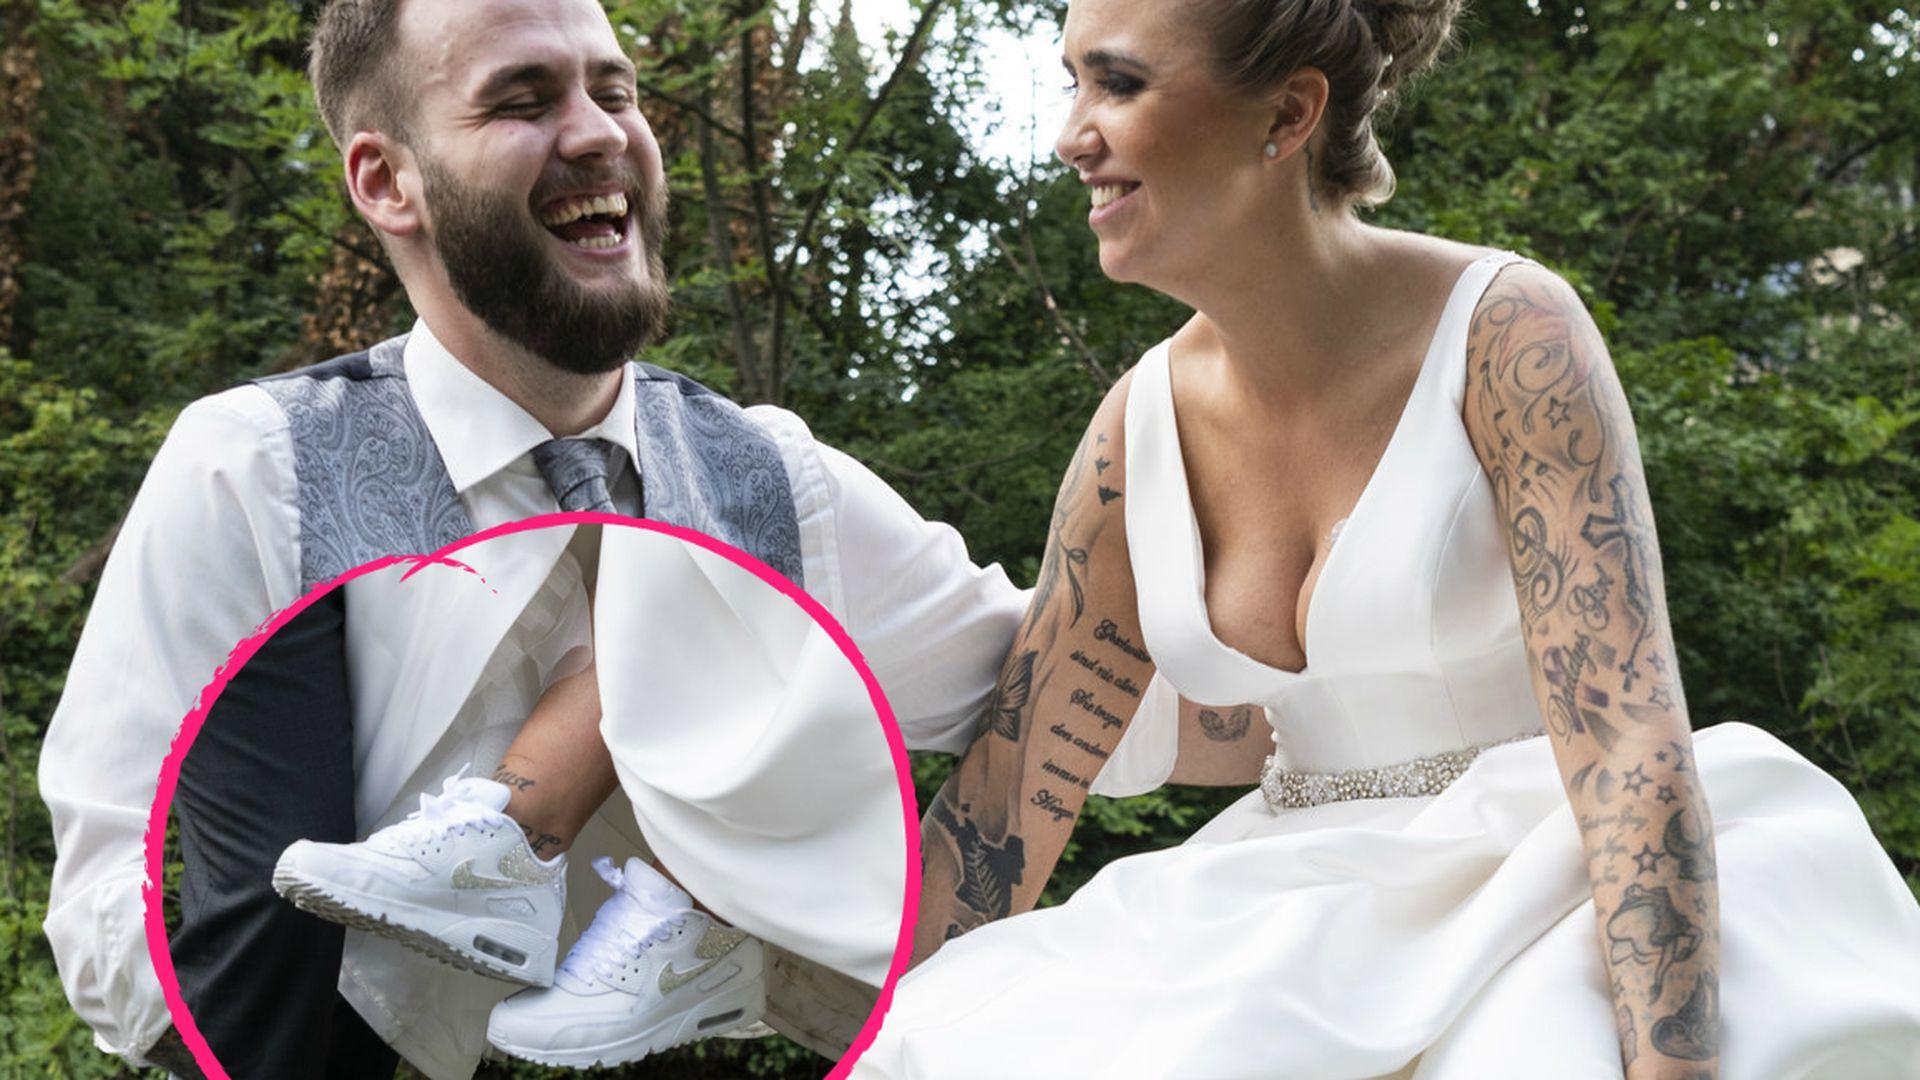 Hochzeit Auf Den Ersten Blick Folge Verpasst